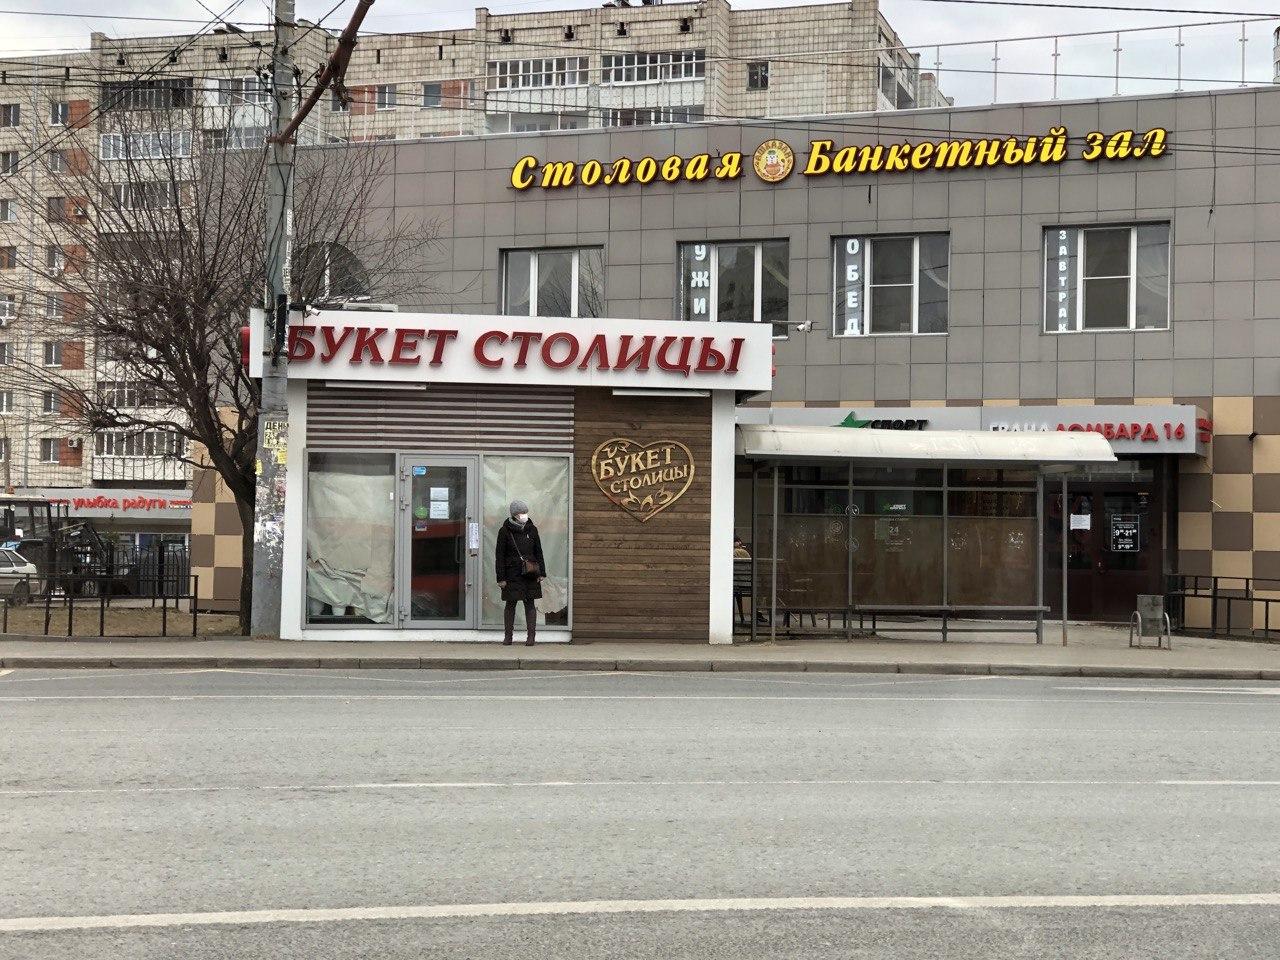 Фото: Нияз Гатауллин/vk.com